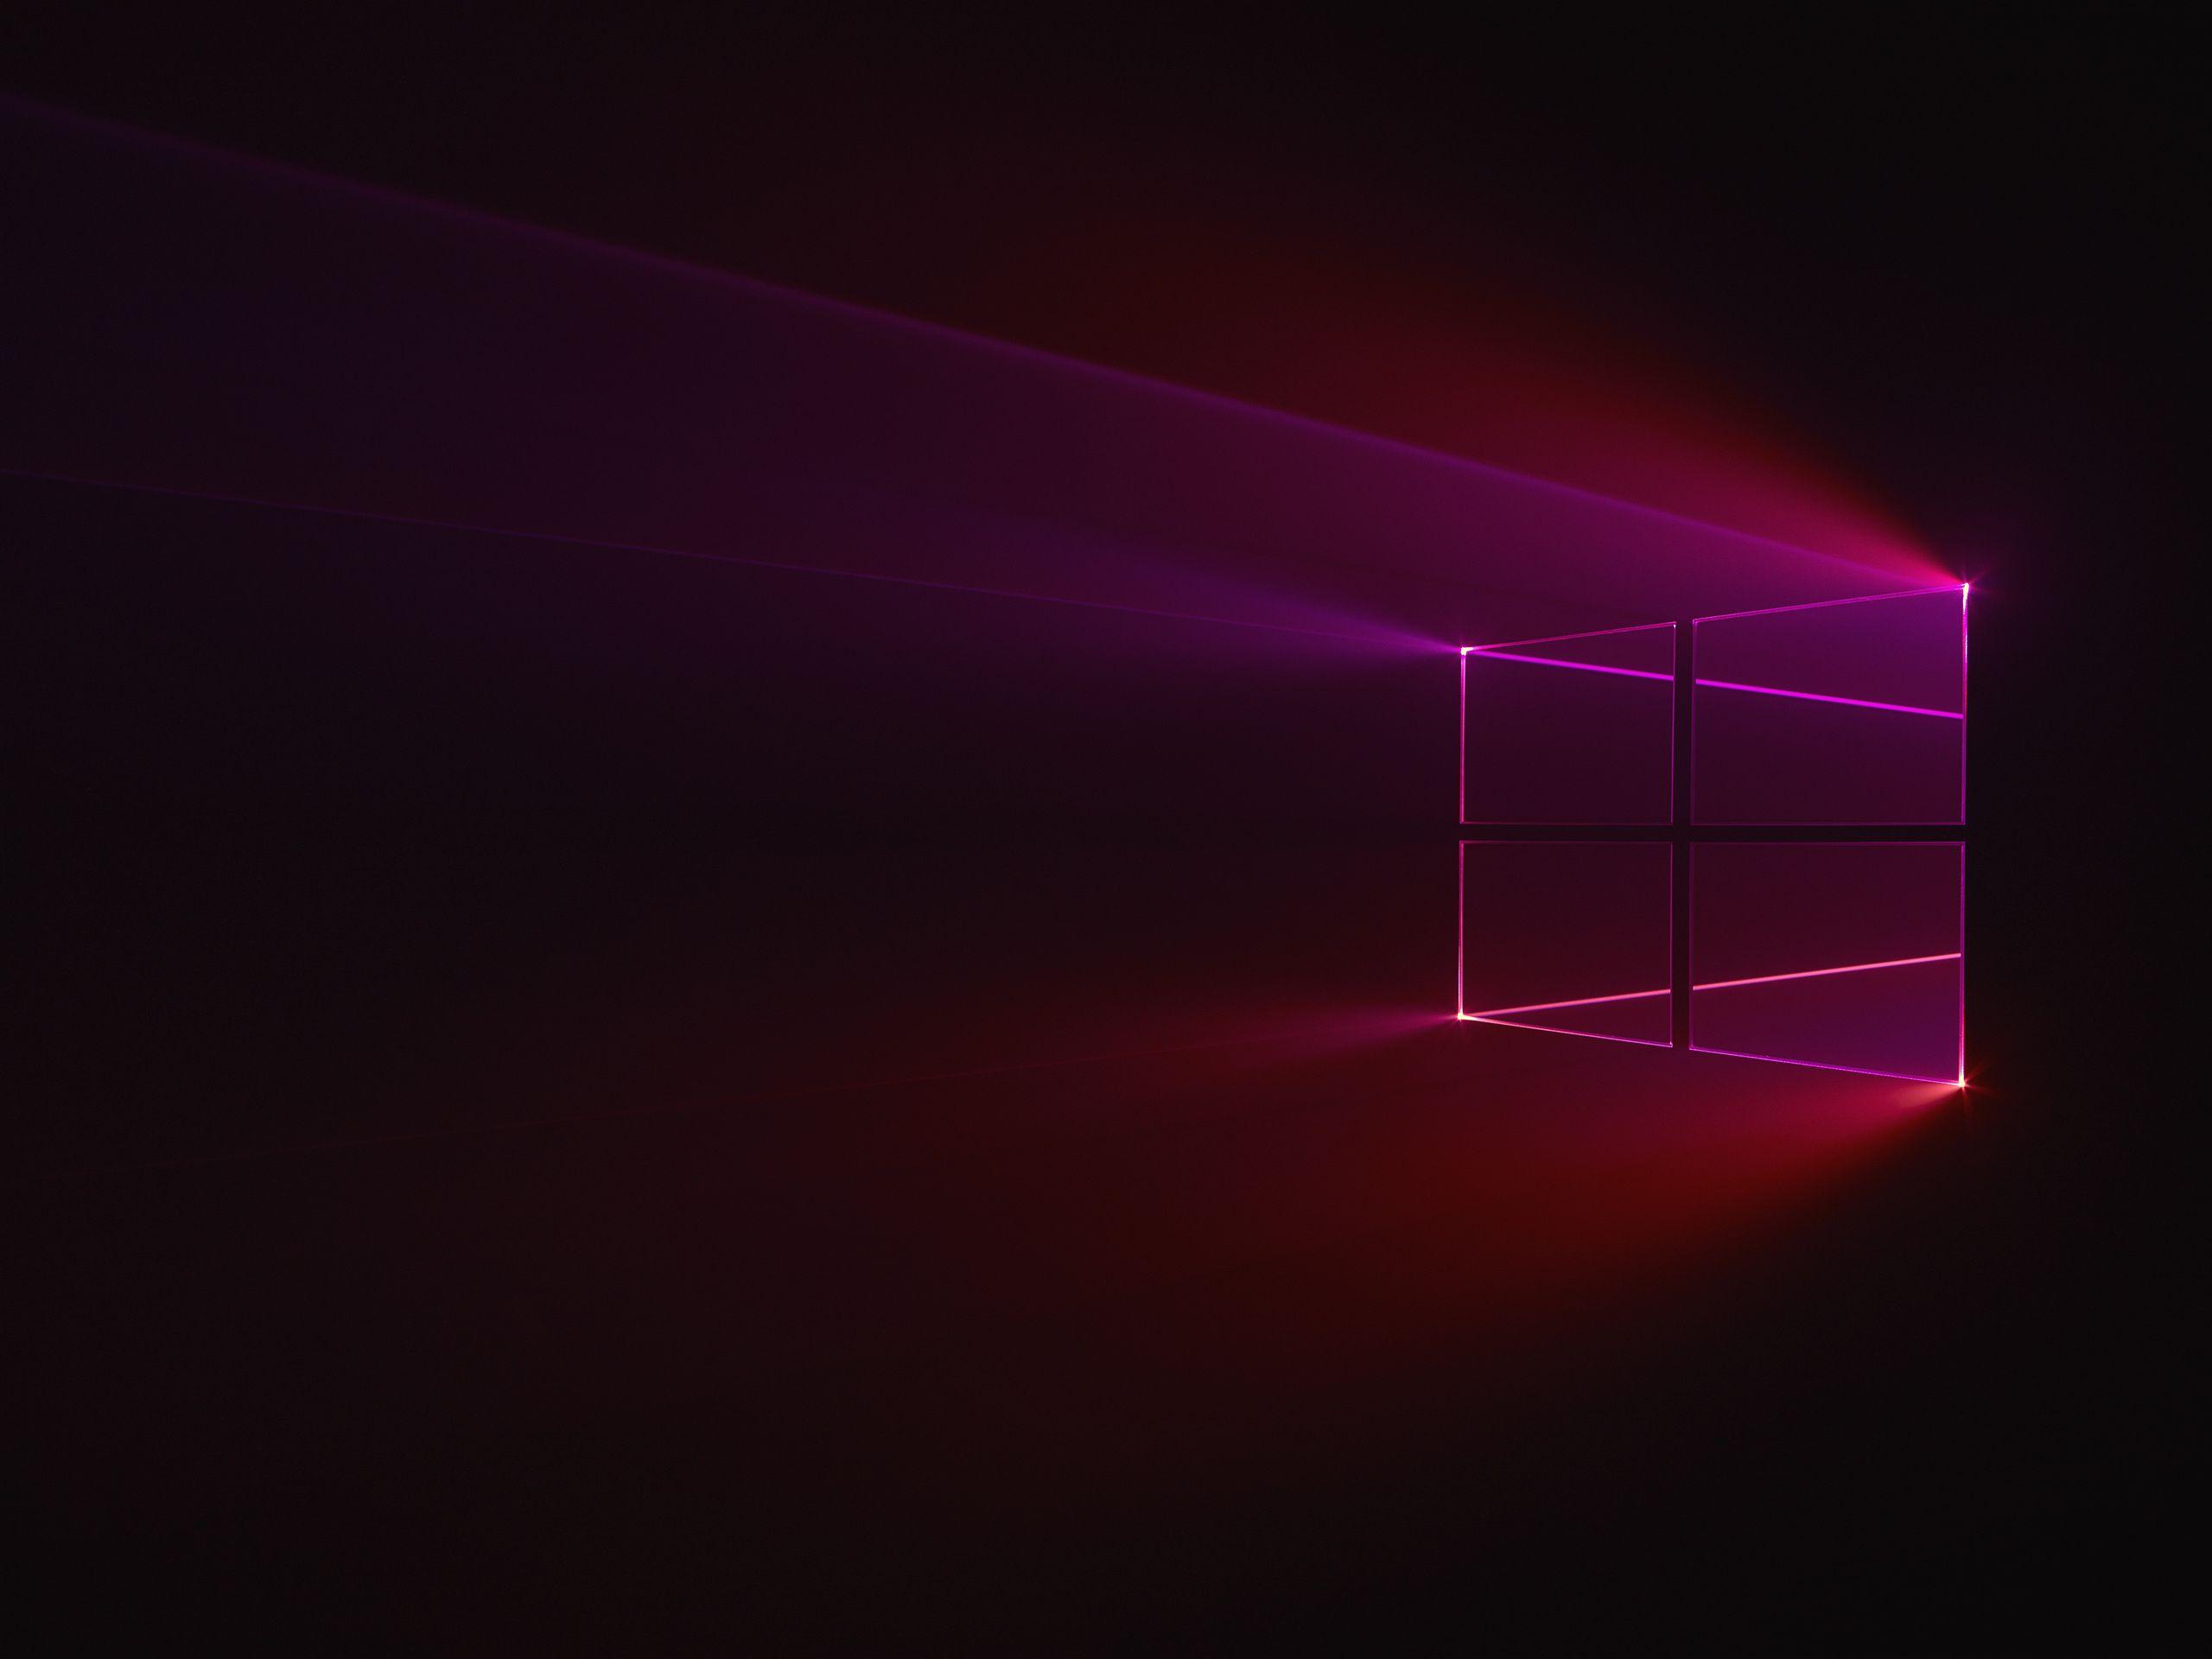 Pin By Donnie Bauer On Installation Wallpaper Windows 10 Windows 10 Windows